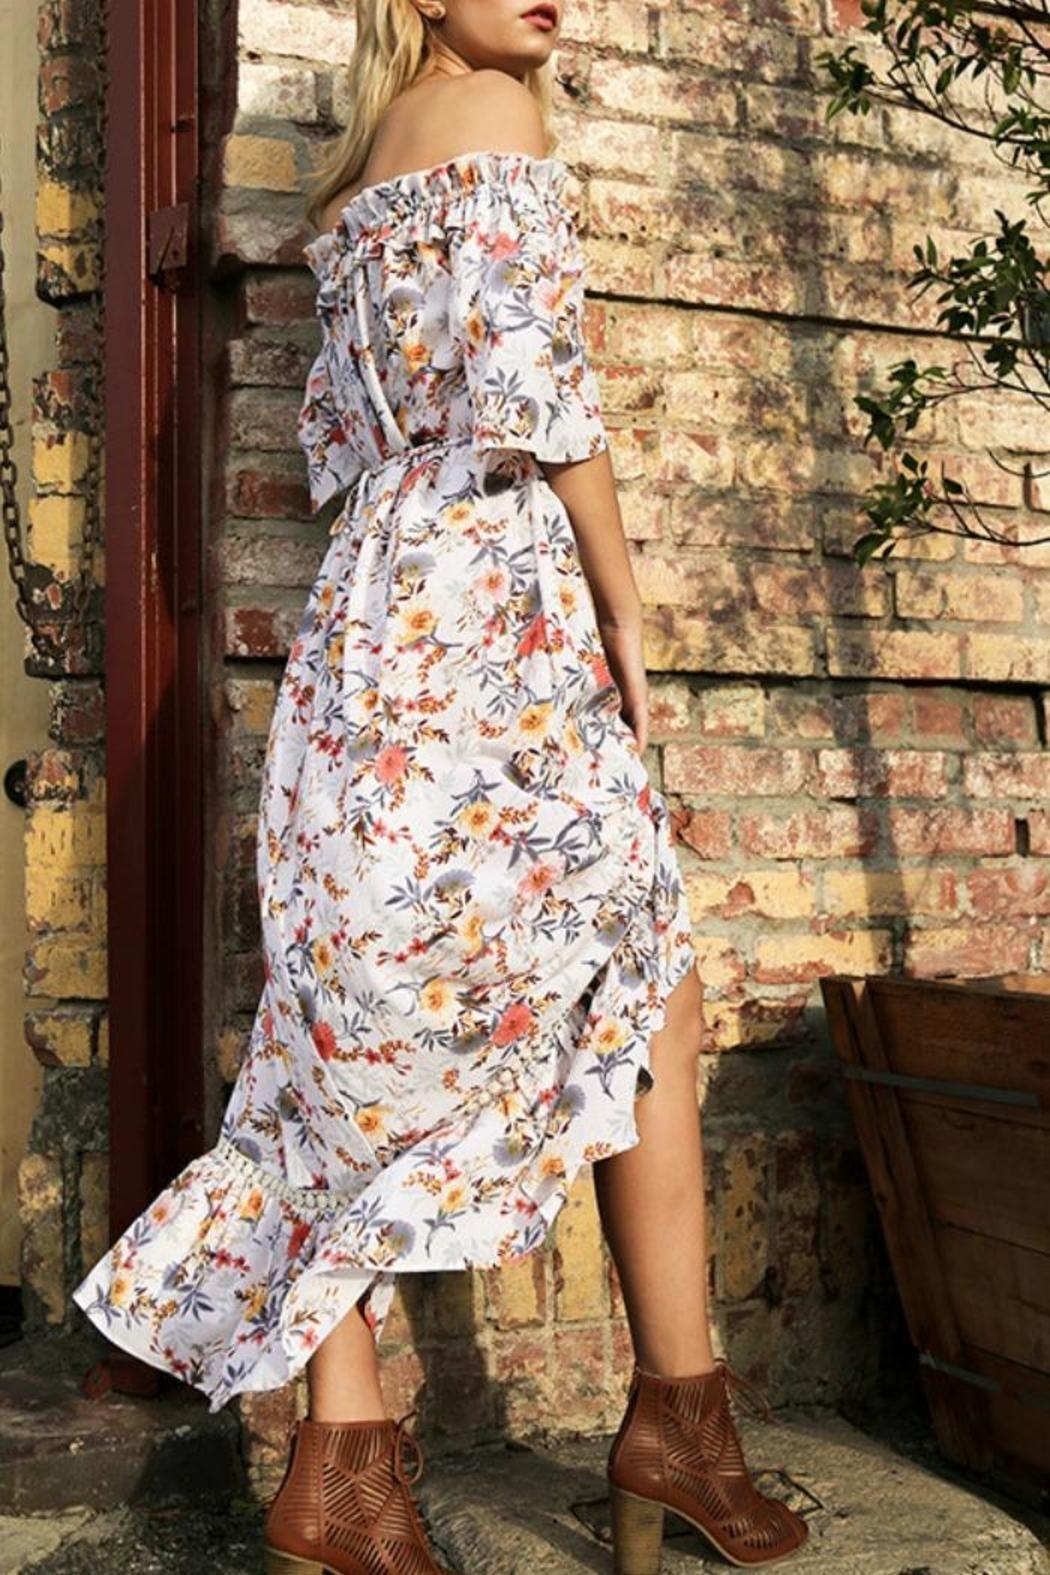 b12bd6bb81bb3 Floral Print Off Shoulder Maxi Dress. Model is 5 8